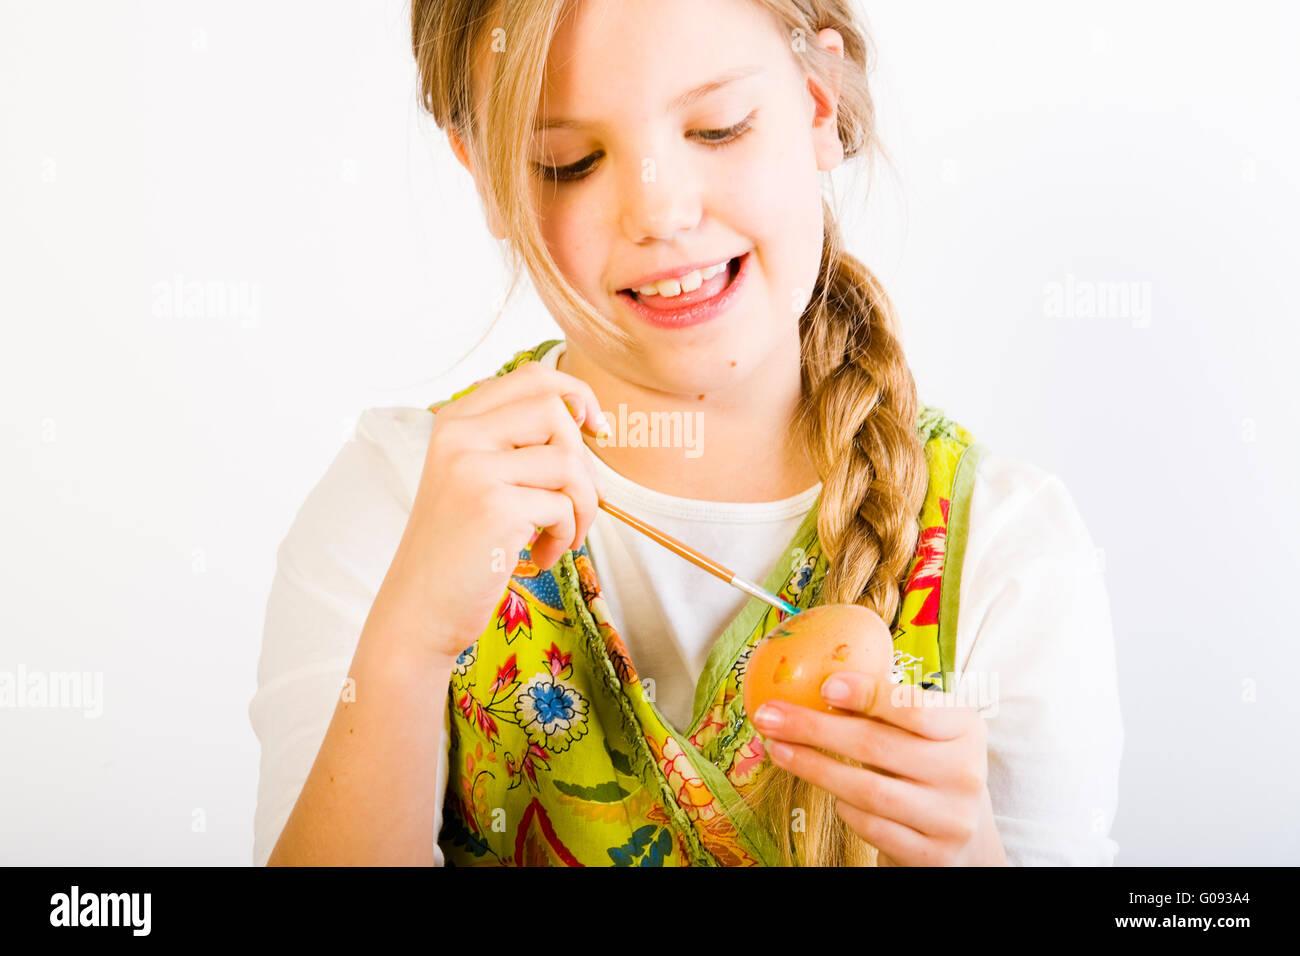 Jeune fille s'amusant pour Pâques oeufs peinture Banque D'Images